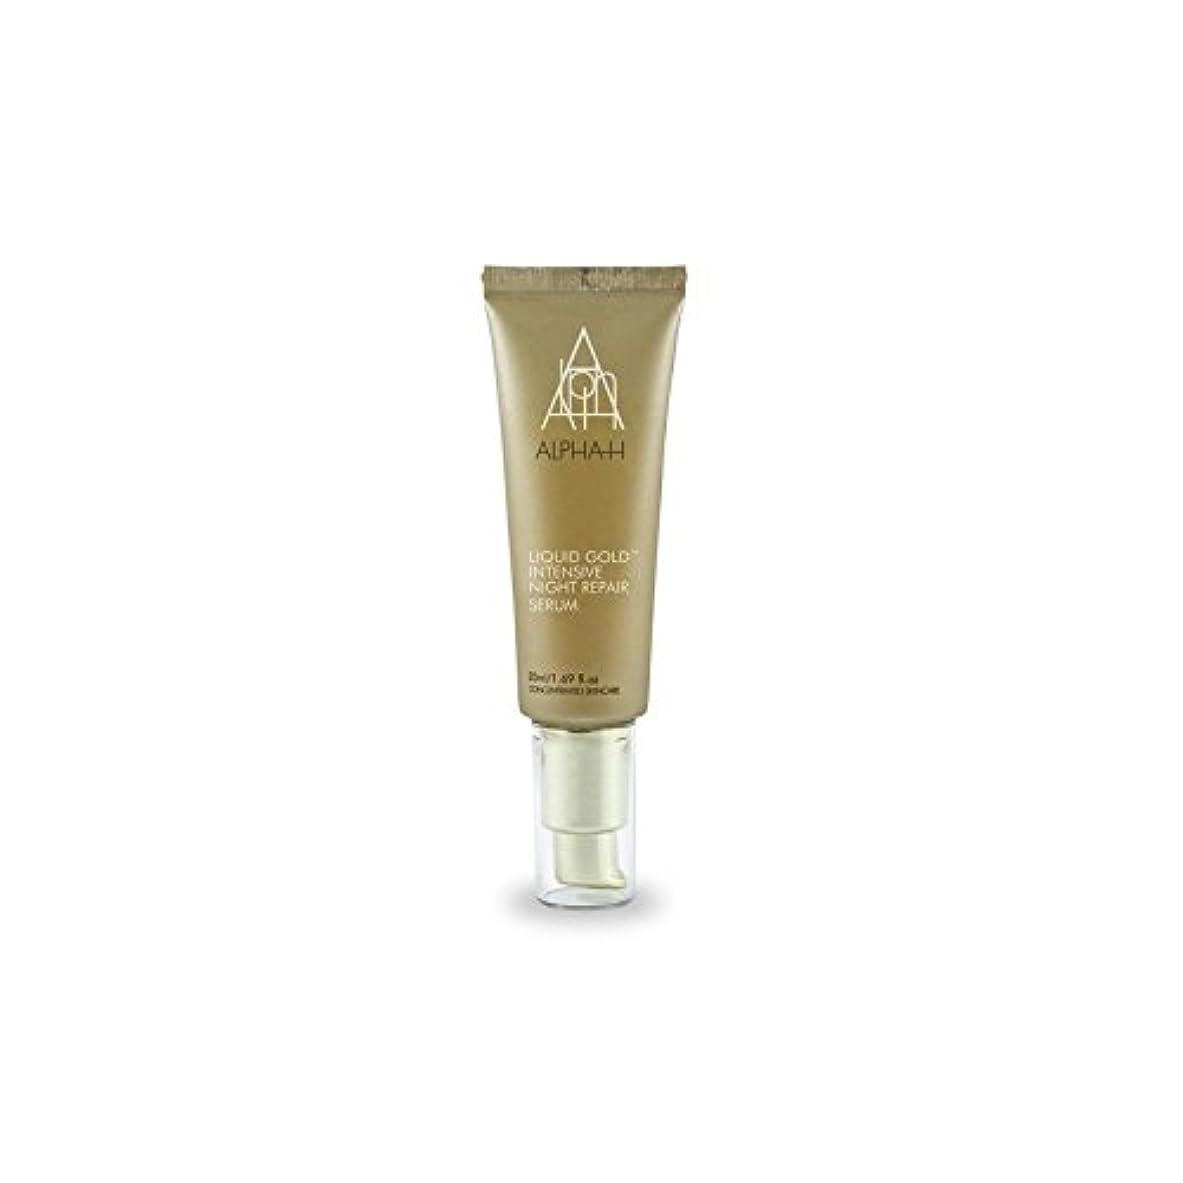 わずかなホイールしつけAlpha-H Liquid Gold Intensive Night Repair Serum (50ml) - アルファ時間の液体の金の集中夜の修理血清(50ミリリットル) [並行輸入品]